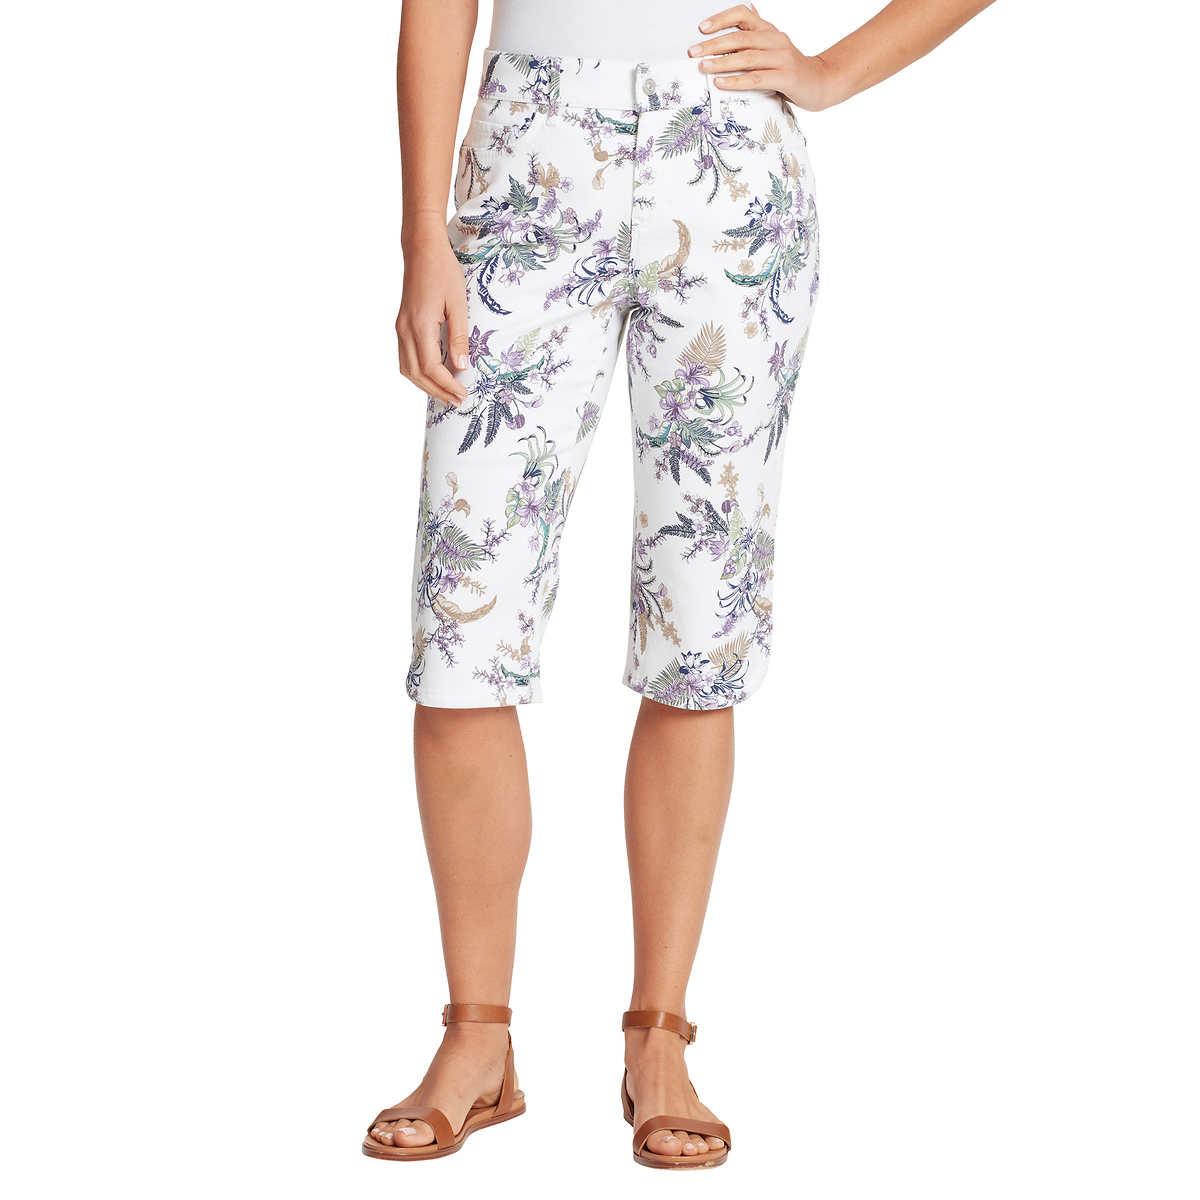 Gloria Vanderbilt Ladies' Skimmer Capri - White (Hibiscus Print) 4